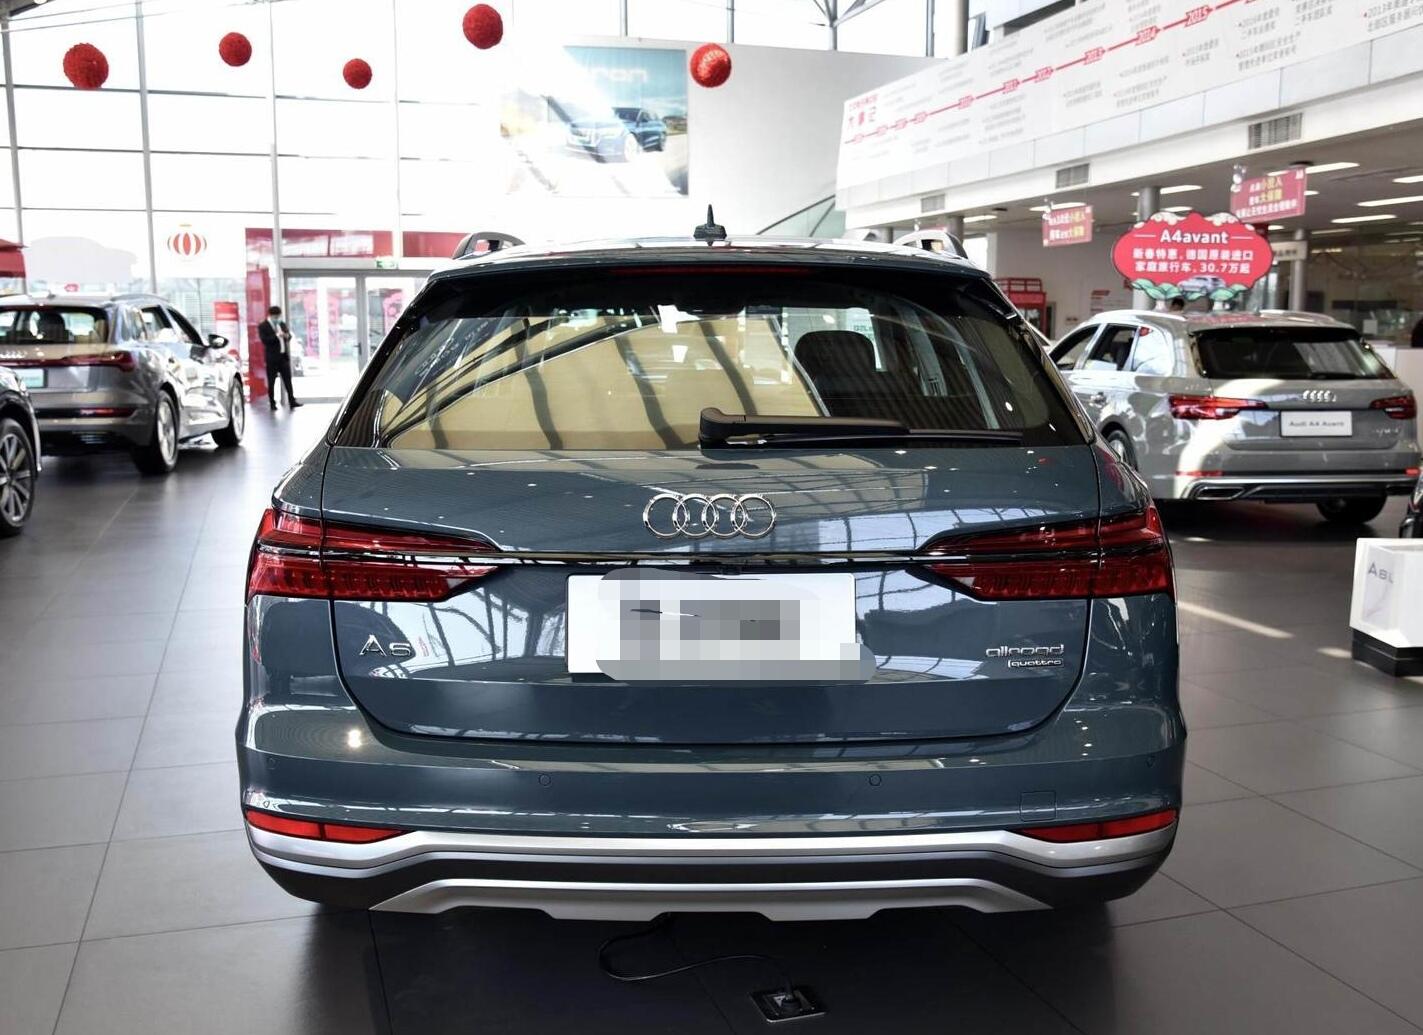 奥迪A6旅行版来袭,2.0T+修长车身,预售40万,比宝马5系帅气